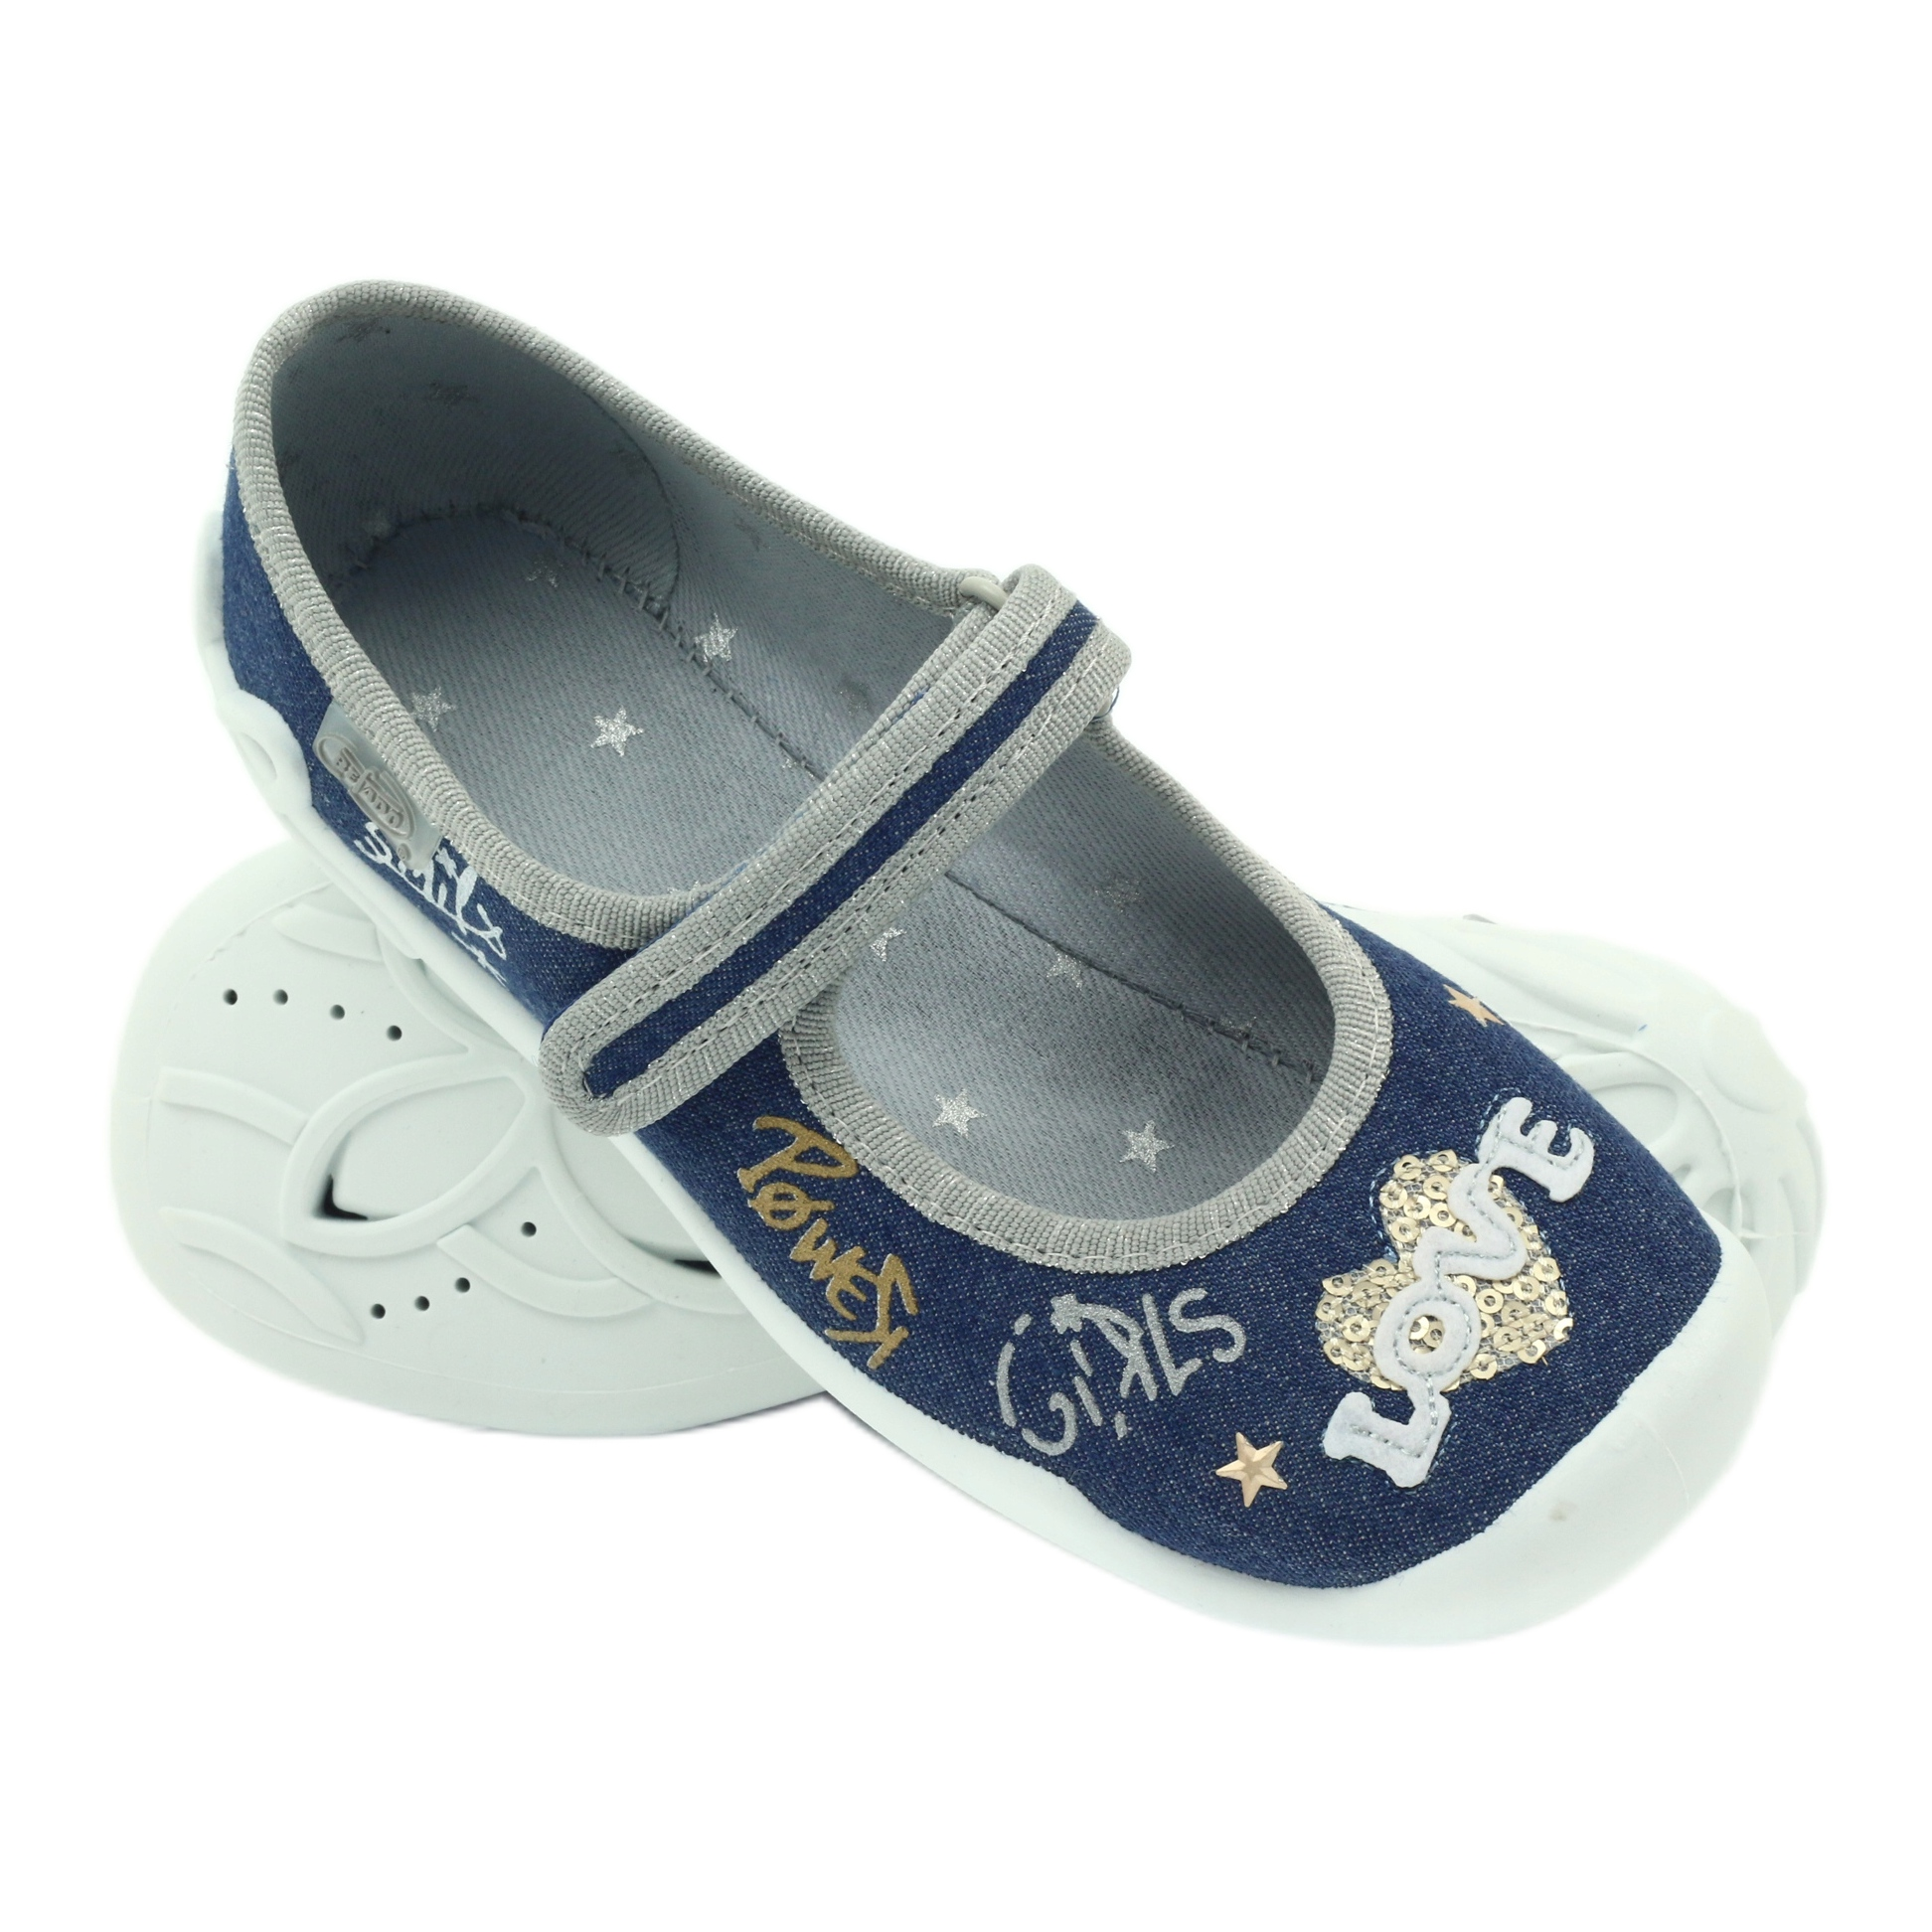 miniatura 6 - Scarpe per bambini Befado 114Y313 blu grigio